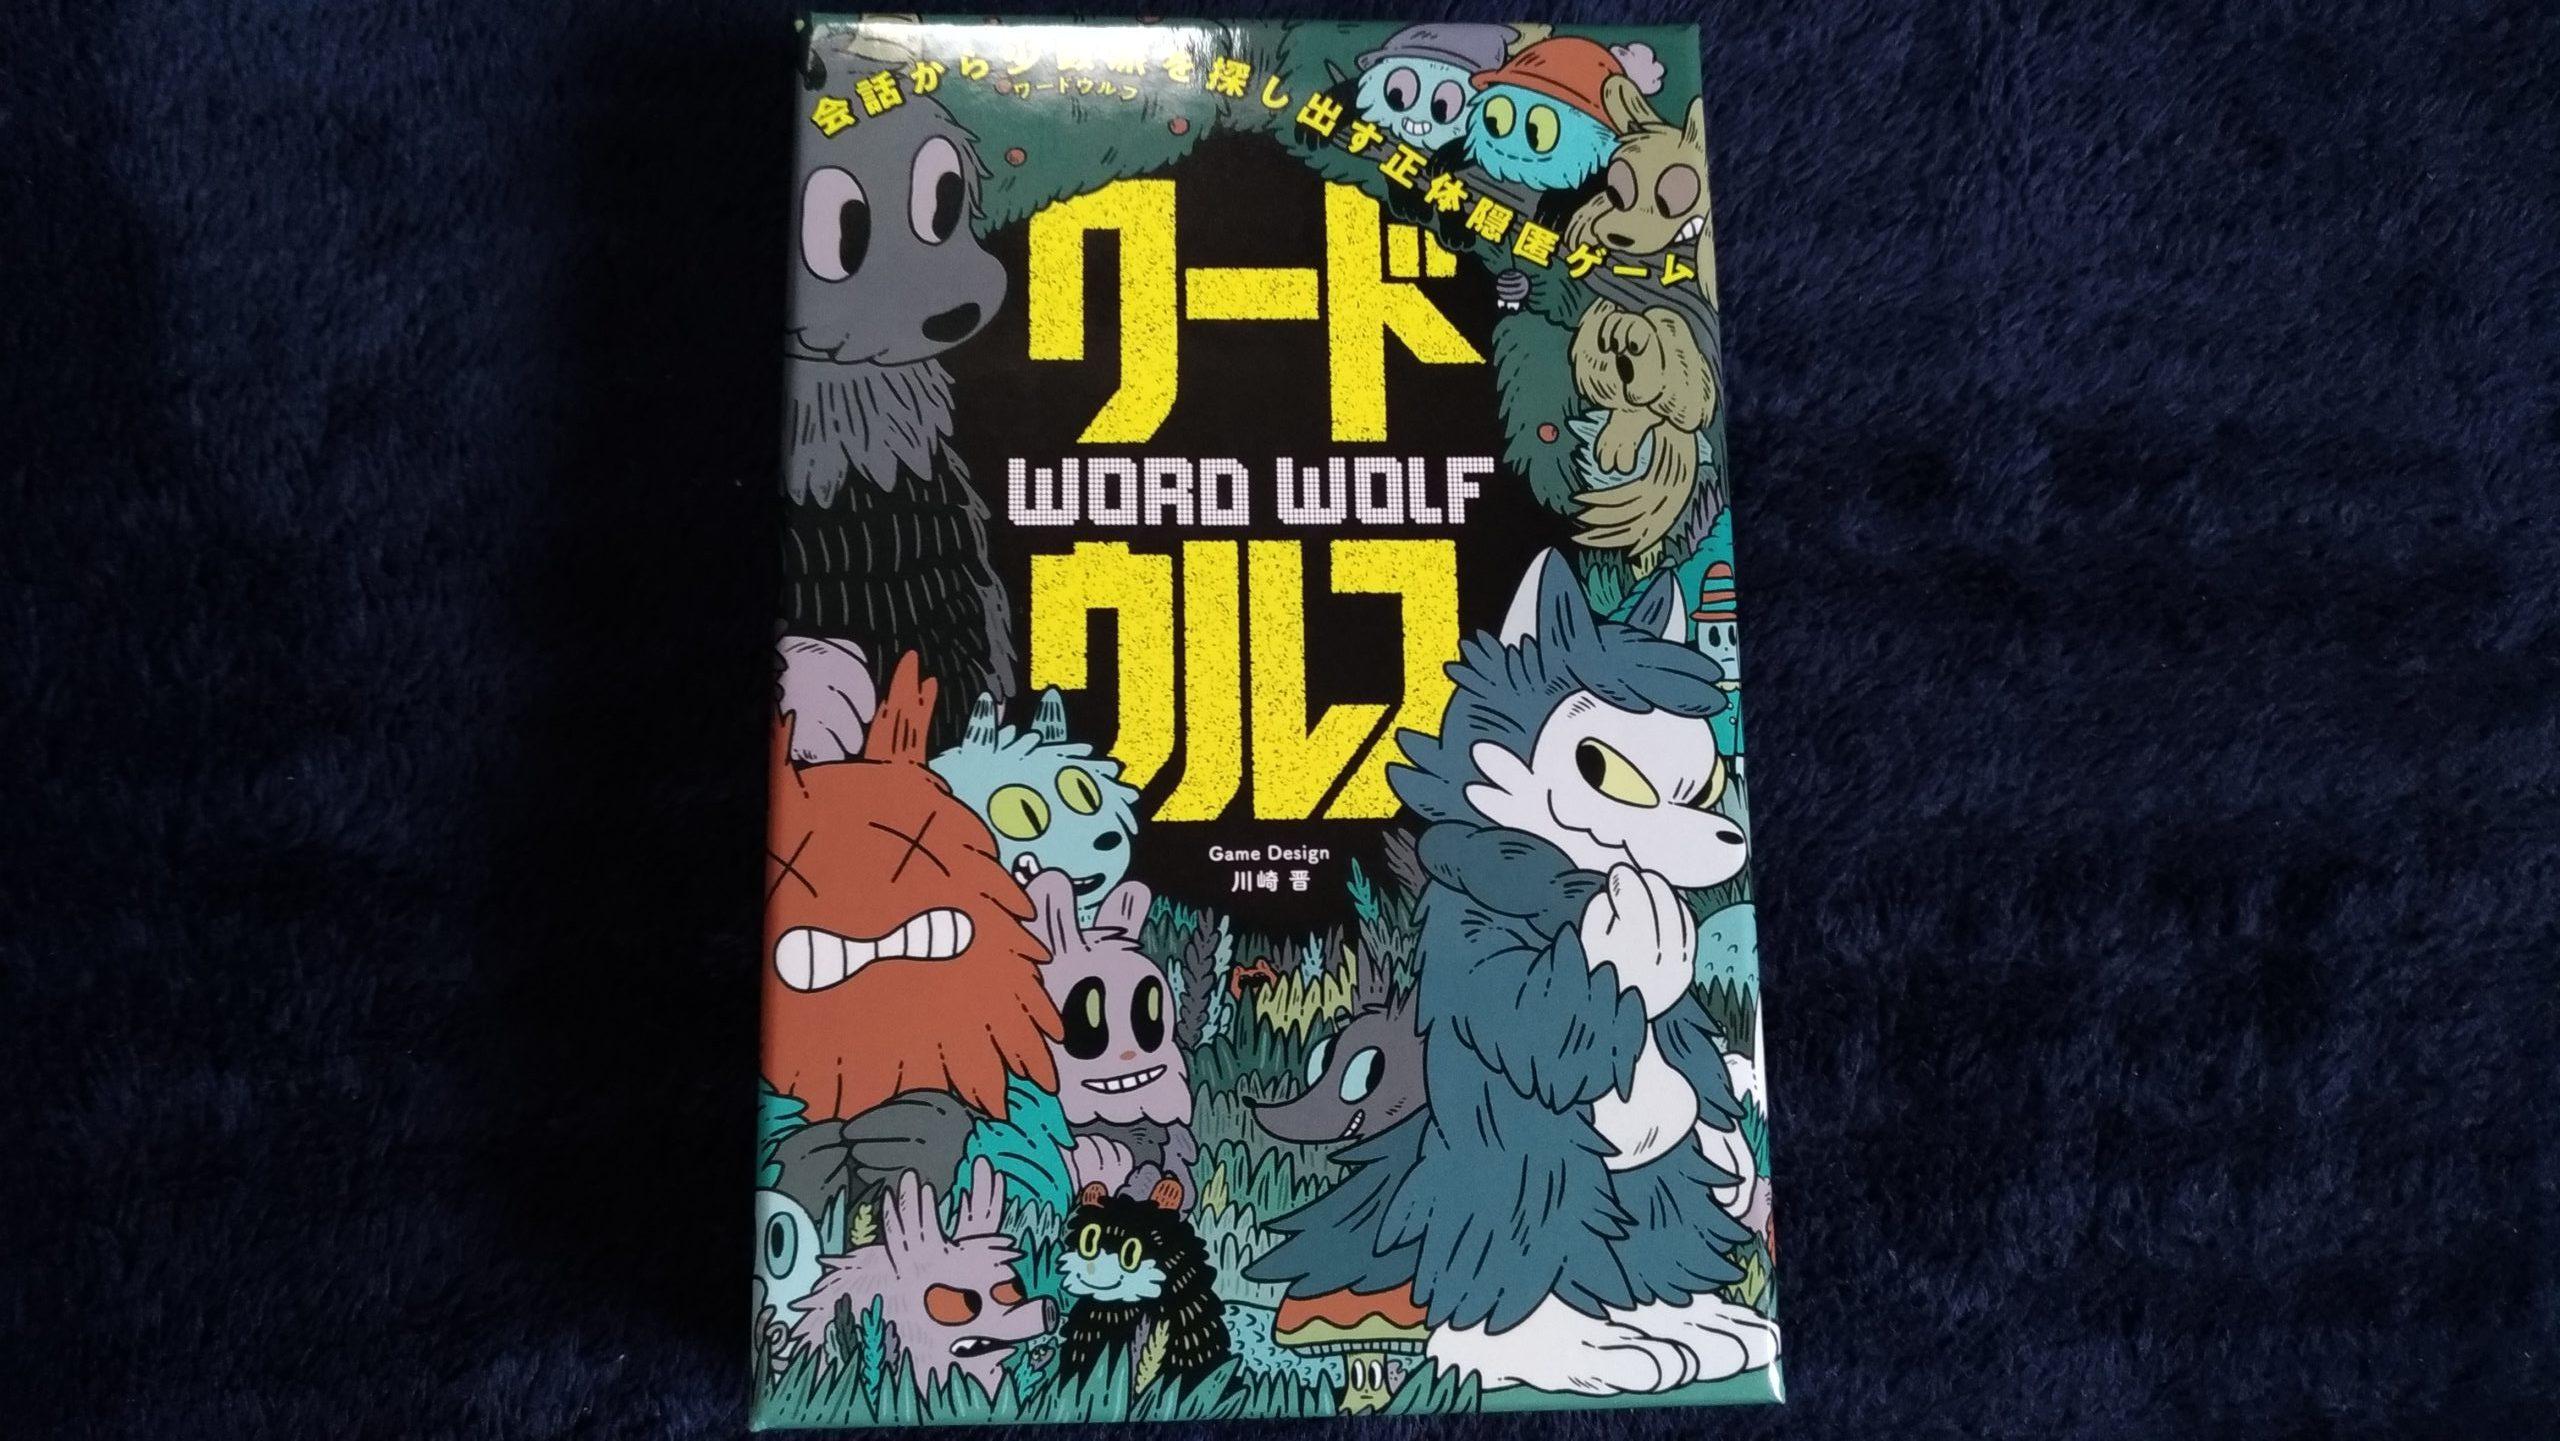 【ボドゲ紹介】ワードウルフ(WORD WOLF)